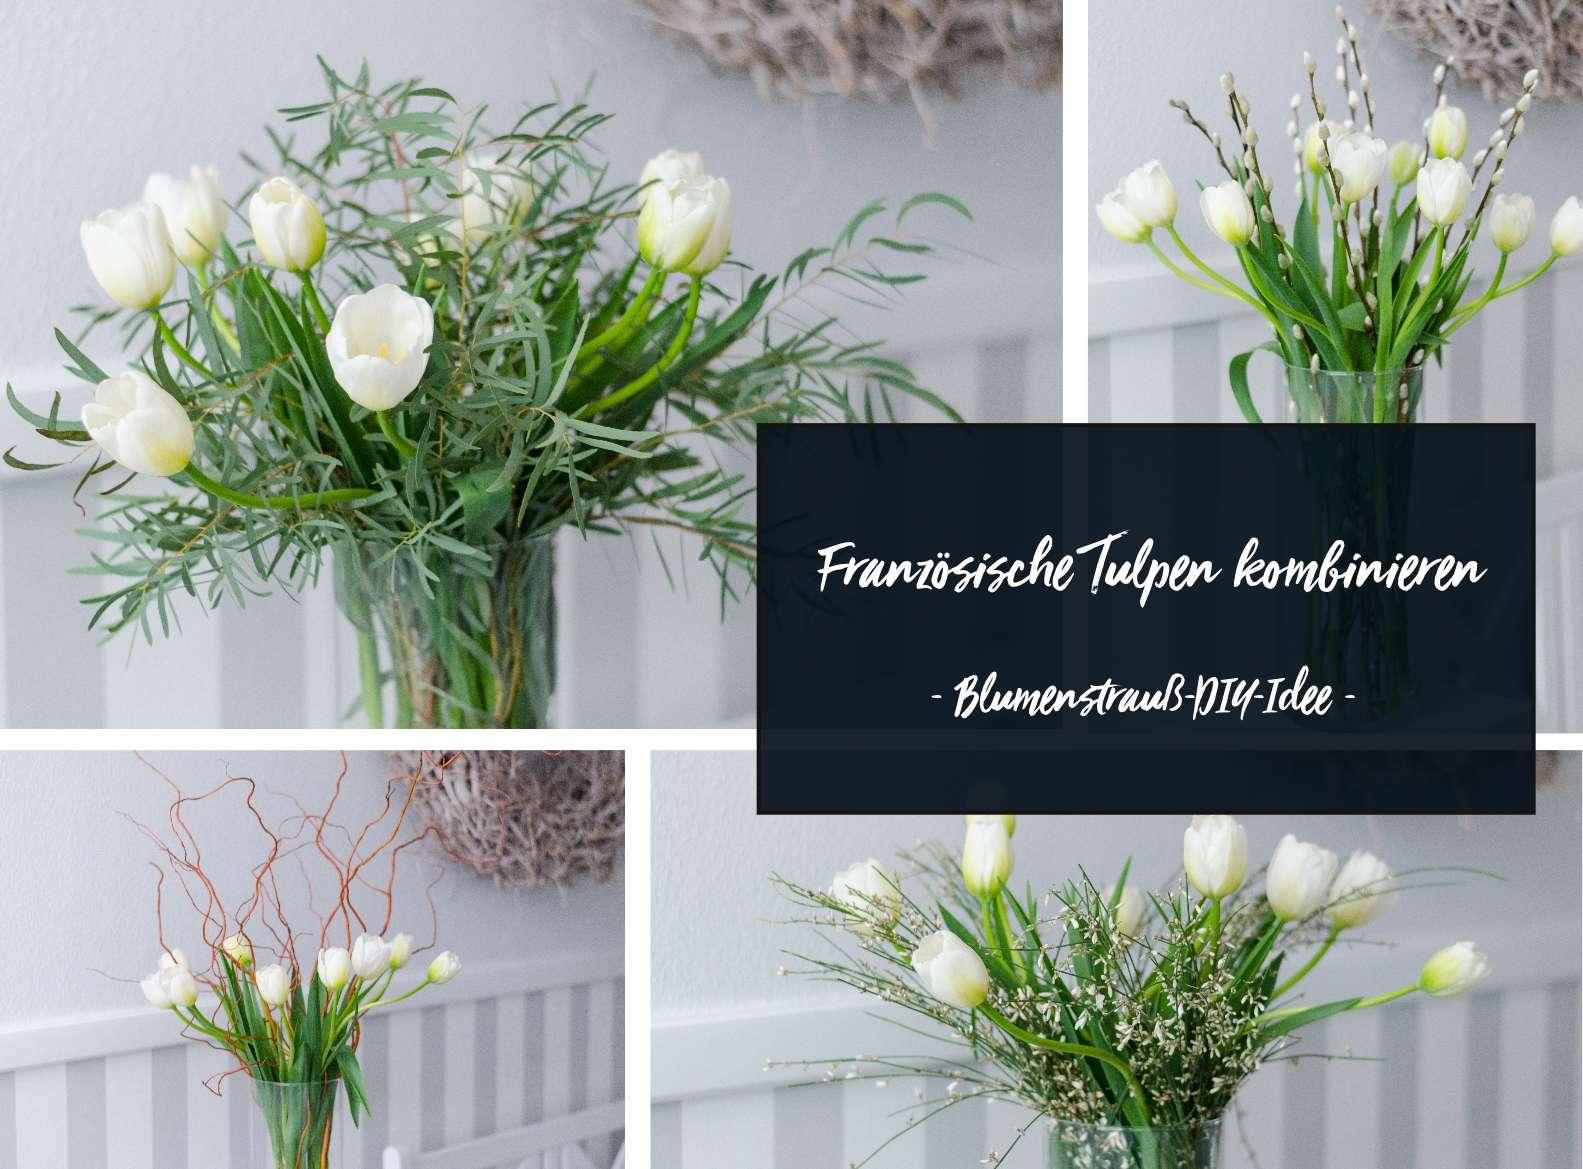 Französische Tulpen 5 Ideen Für Beiwerk Kombinationen Blumigo